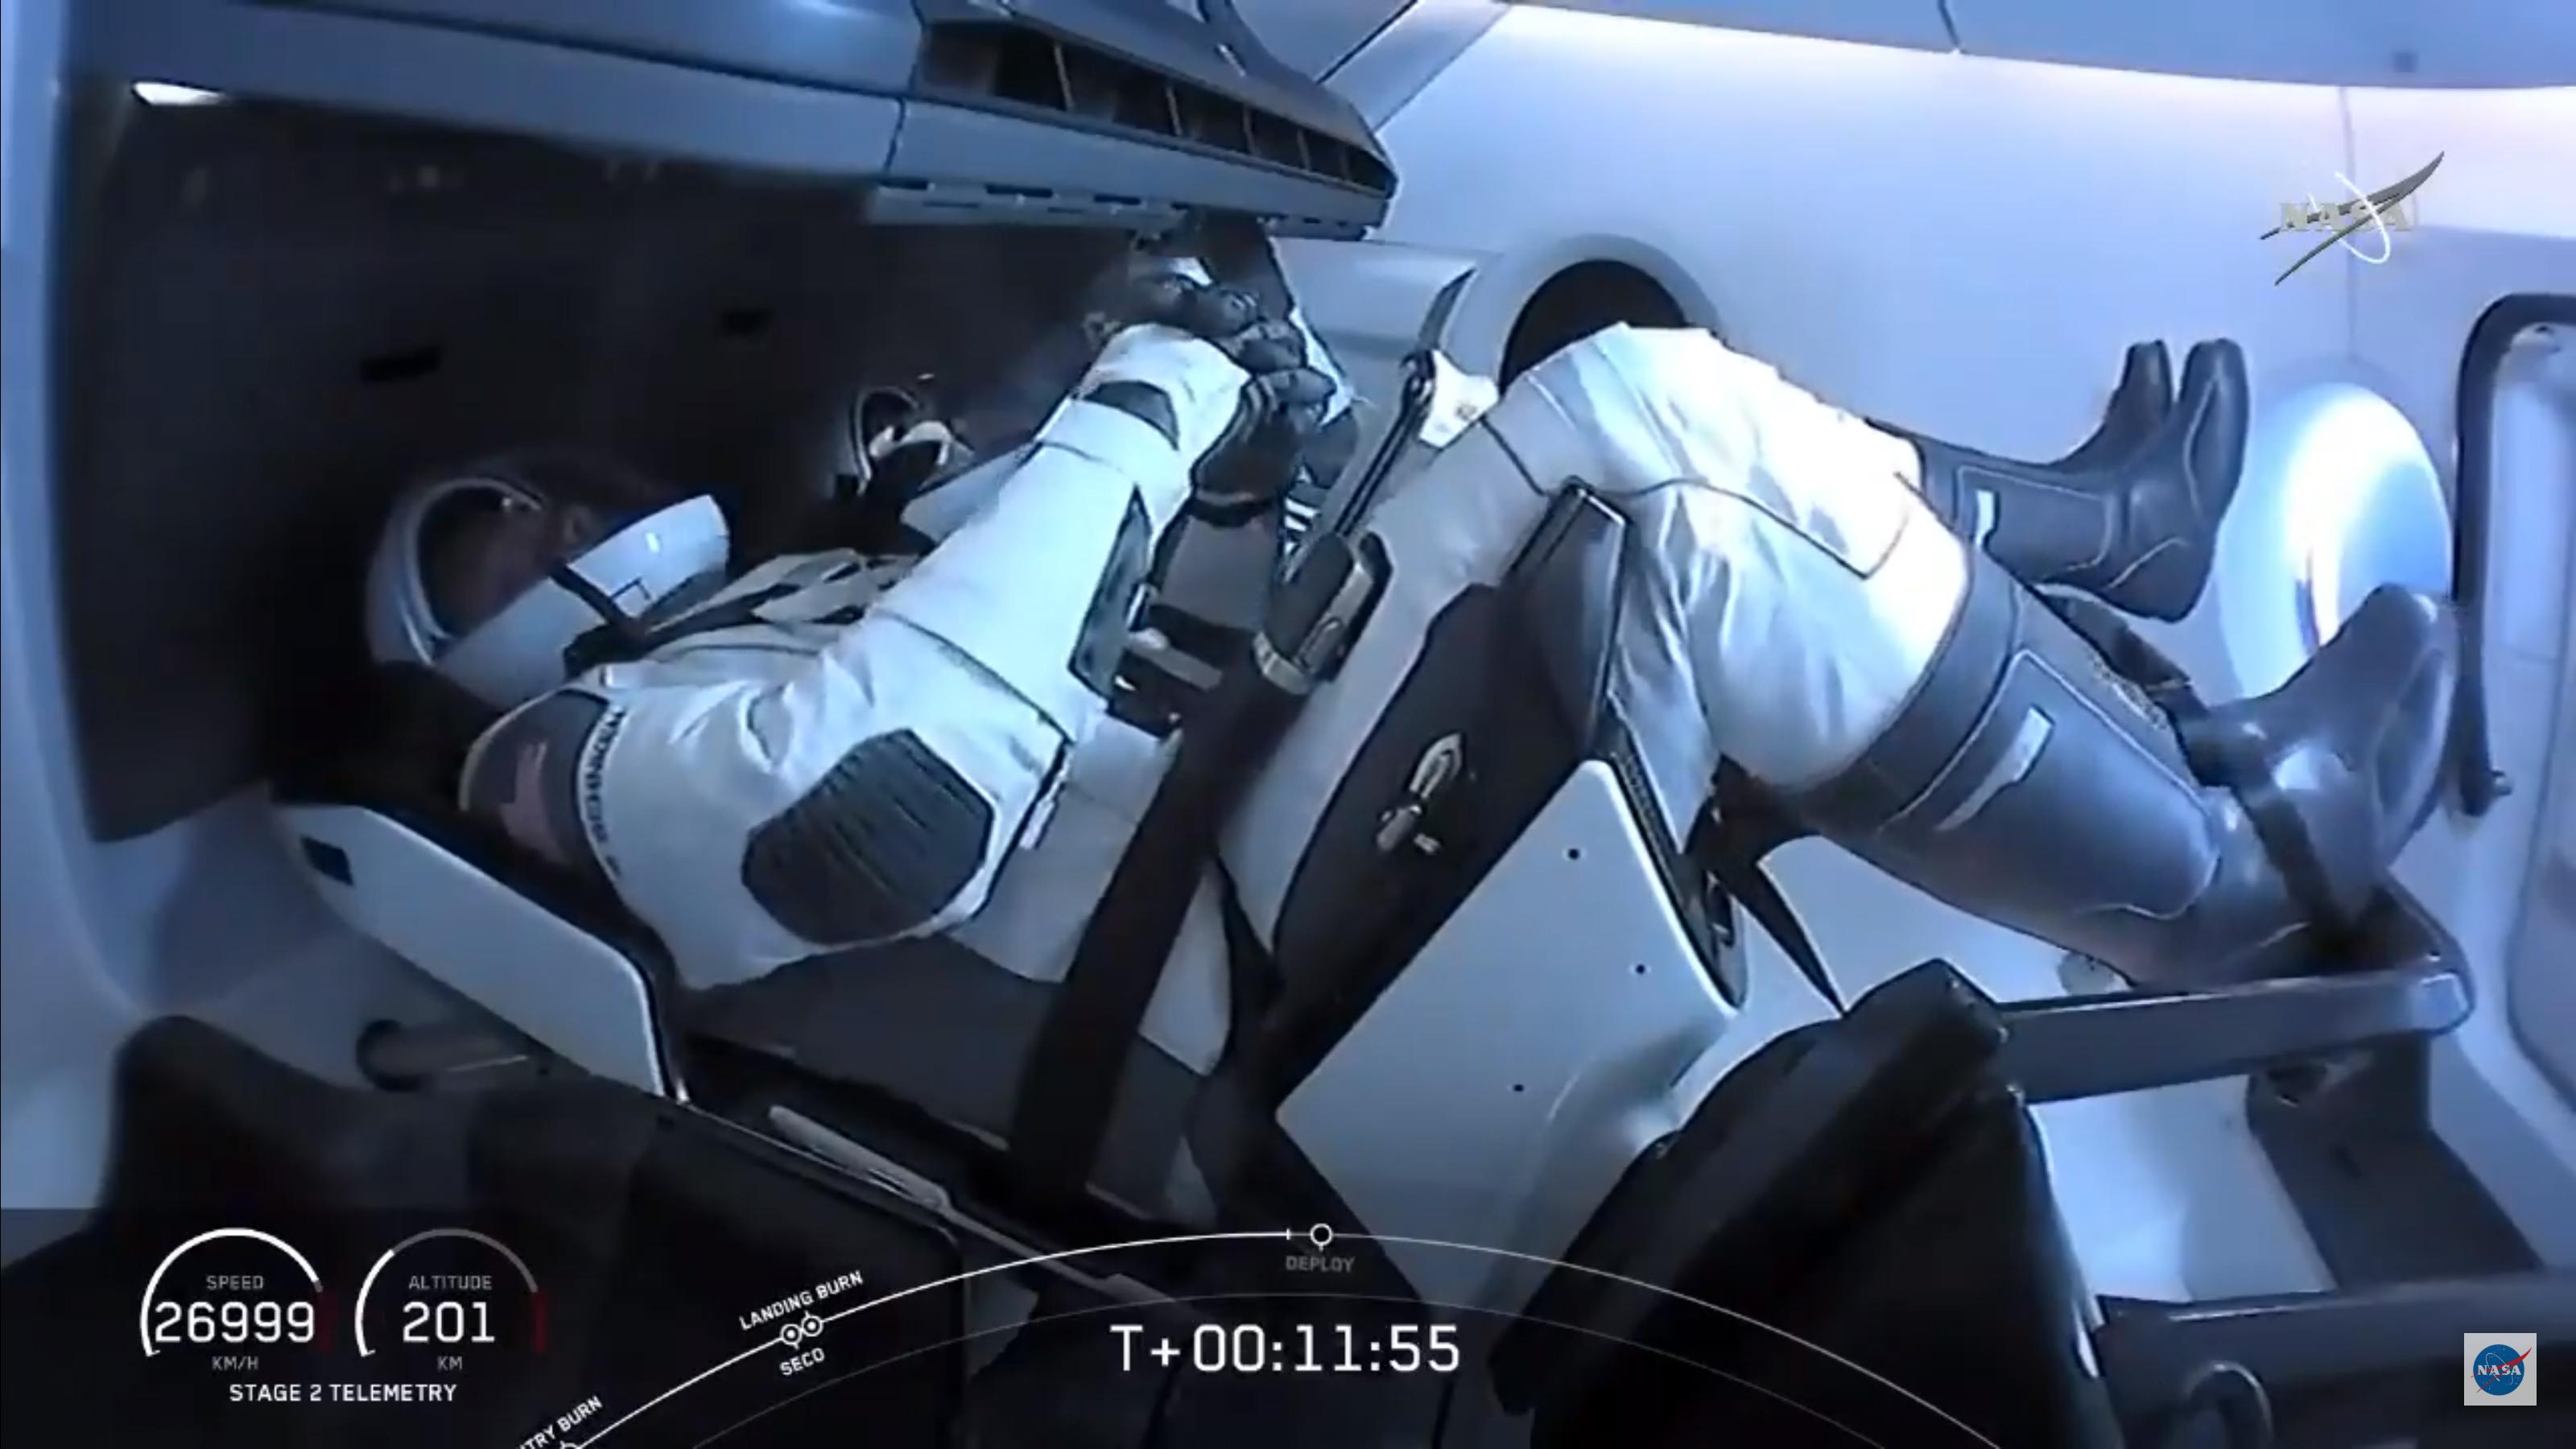 Rácsatlakozott a nemzetközi űrállomásra a Crew Dragon